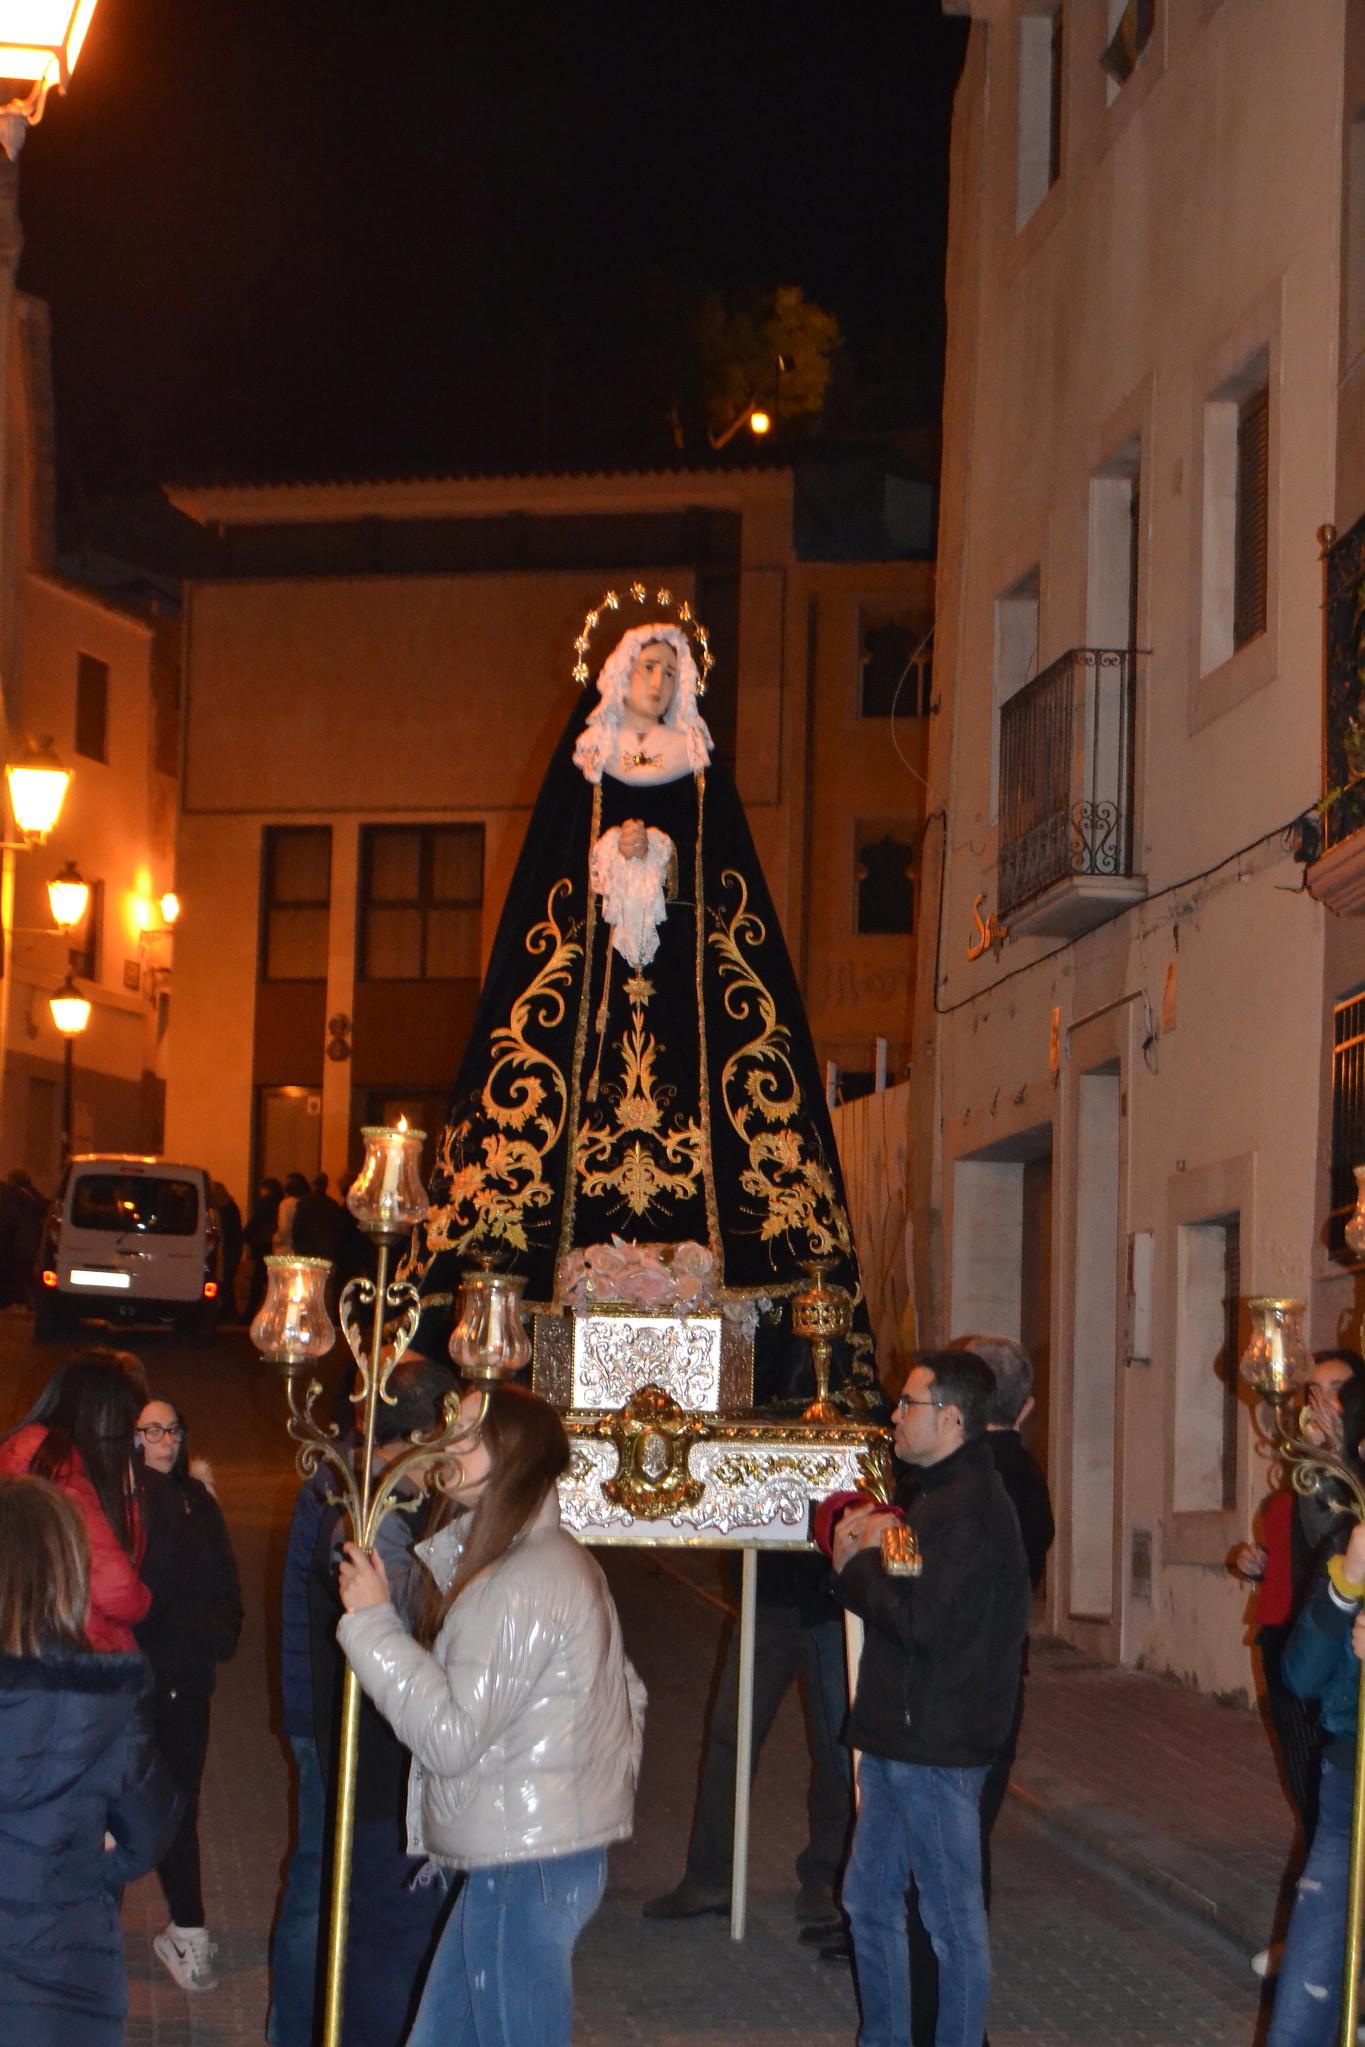 (2019-04-12) - X Vía Crucis nocturno - Diario El Carrer (12)